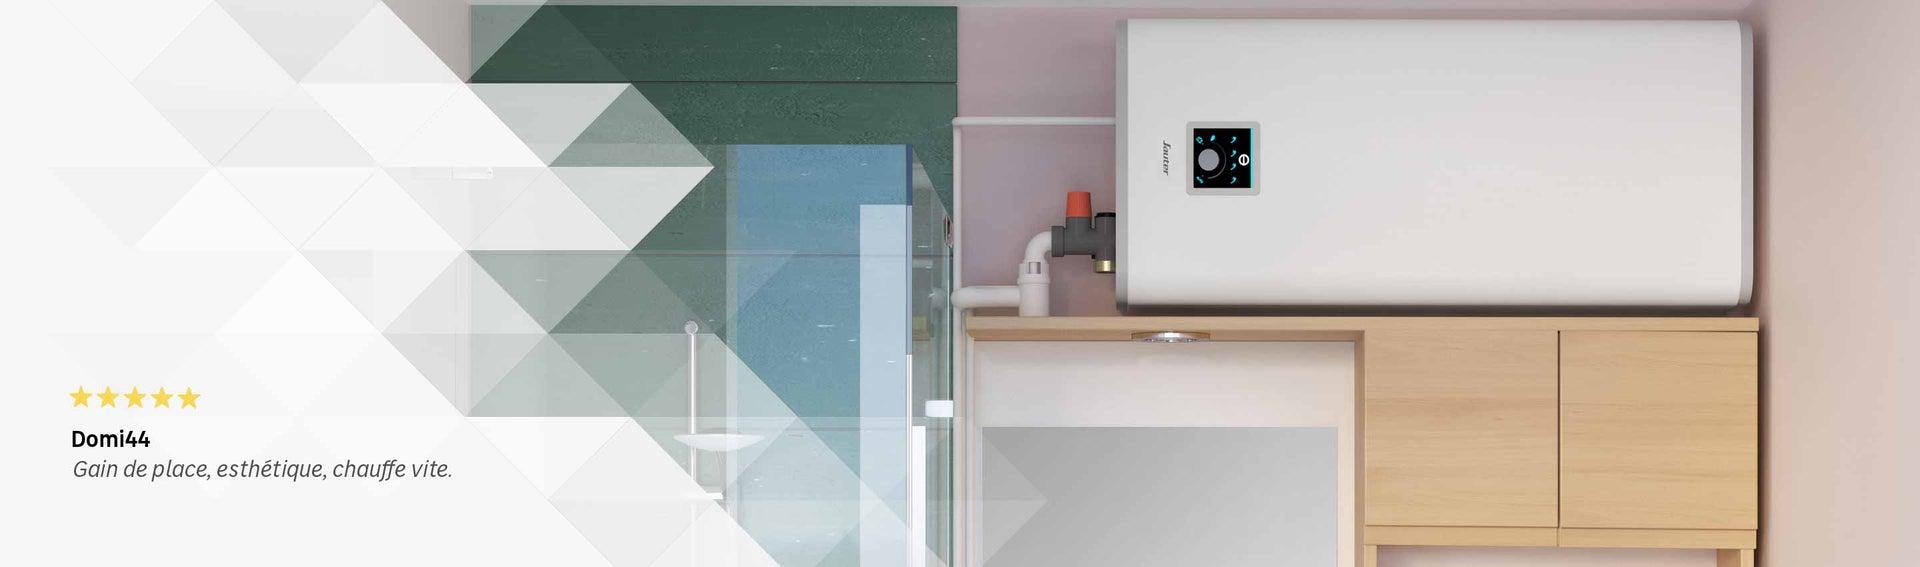 chauffe eau et ballon d 39 eau chaude accumulation thermodynamique instantan leroy merlin. Black Bedroom Furniture Sets. Home Design Ideas